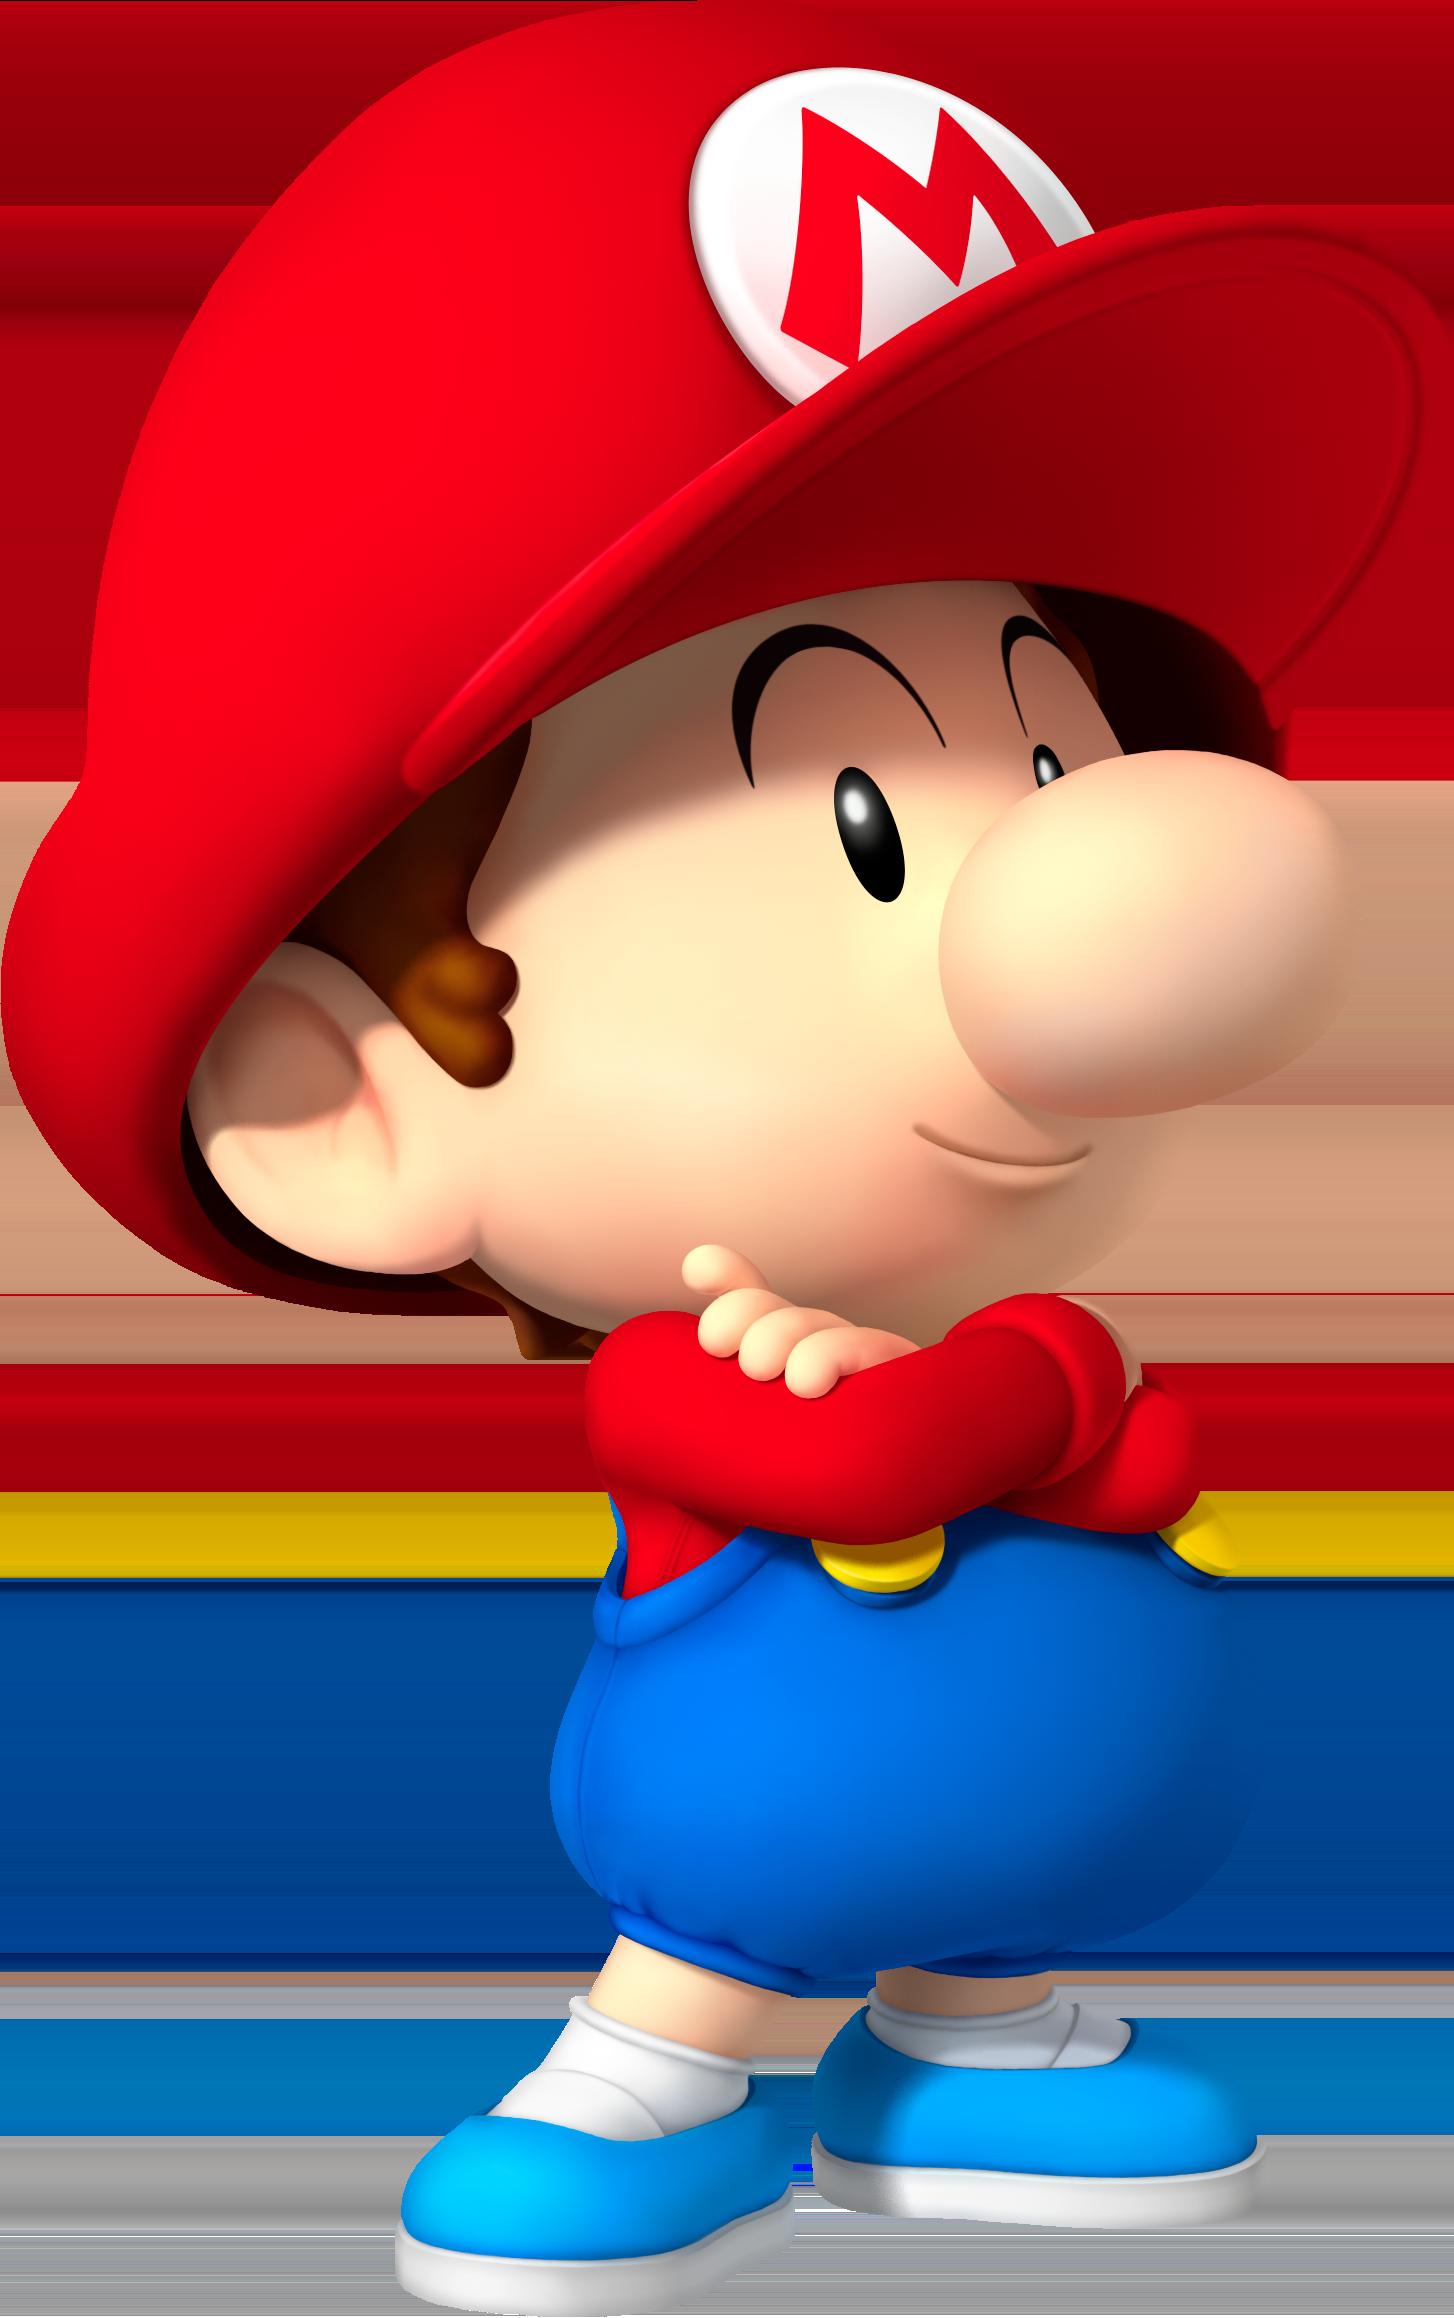 Baby Mario - Mario Kart Wii.PNG